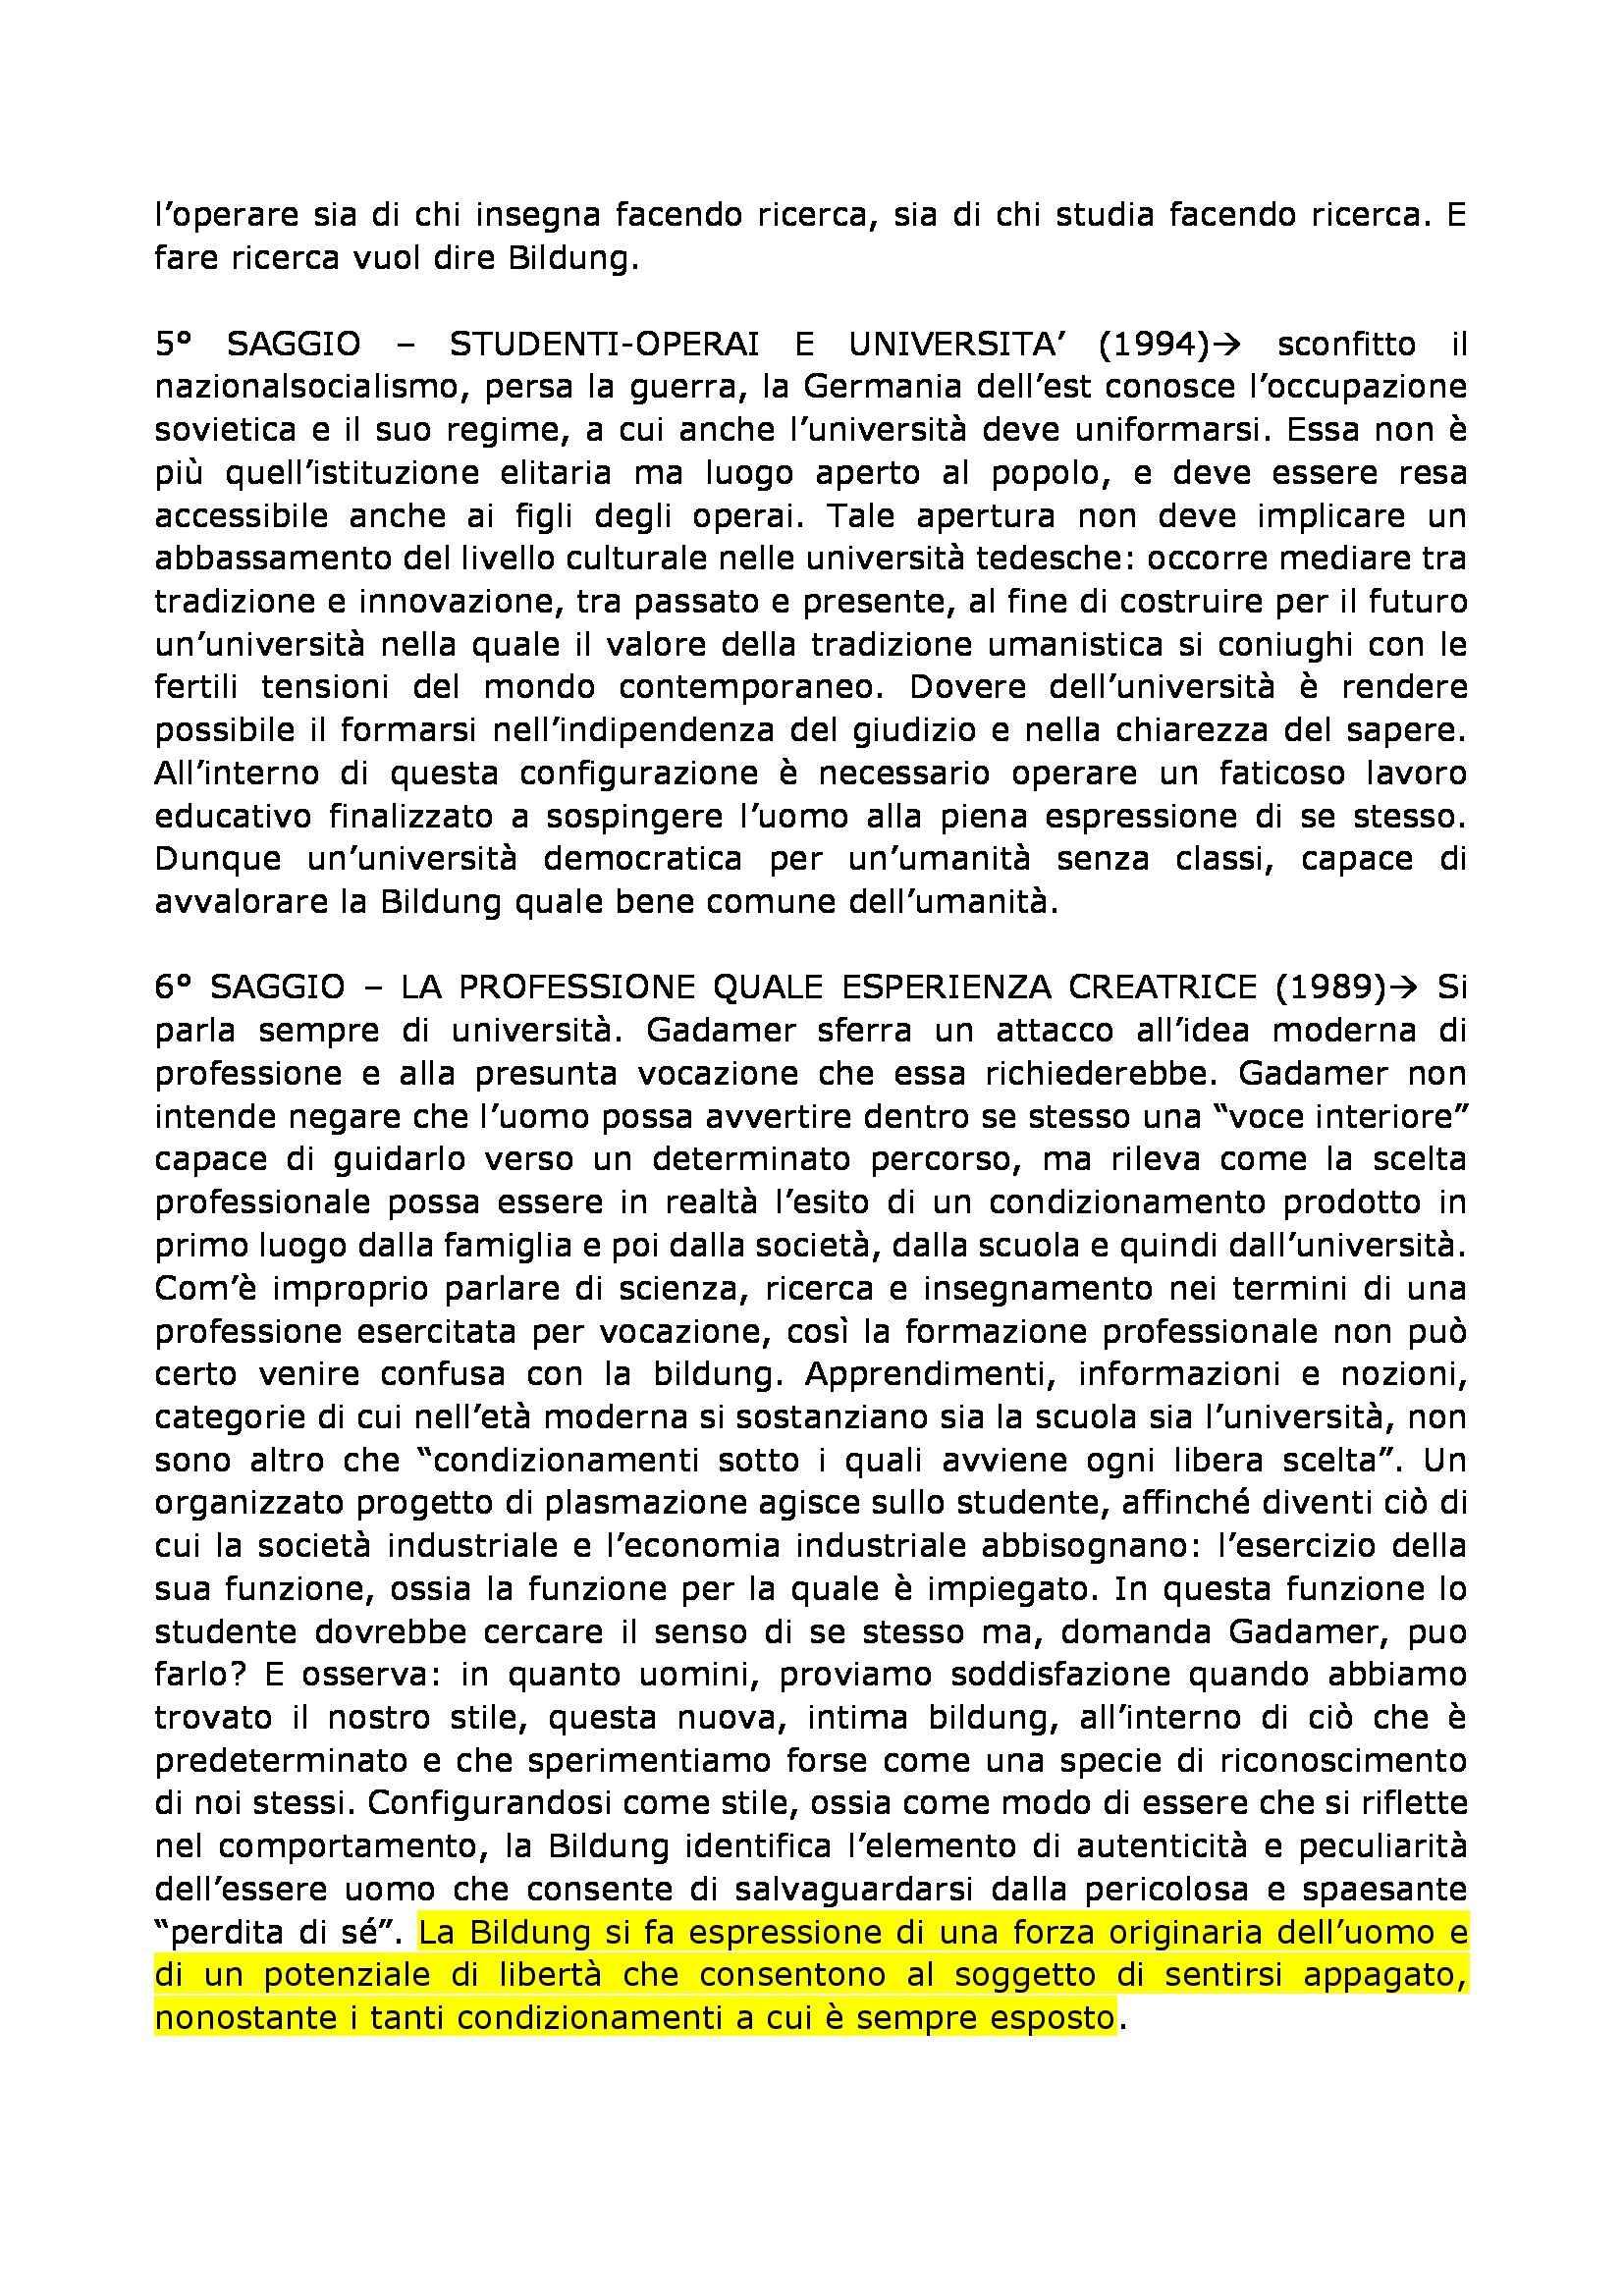 Filosofia dell'educazione - Bildung e Umanesimo, Gadamer Pag. 6